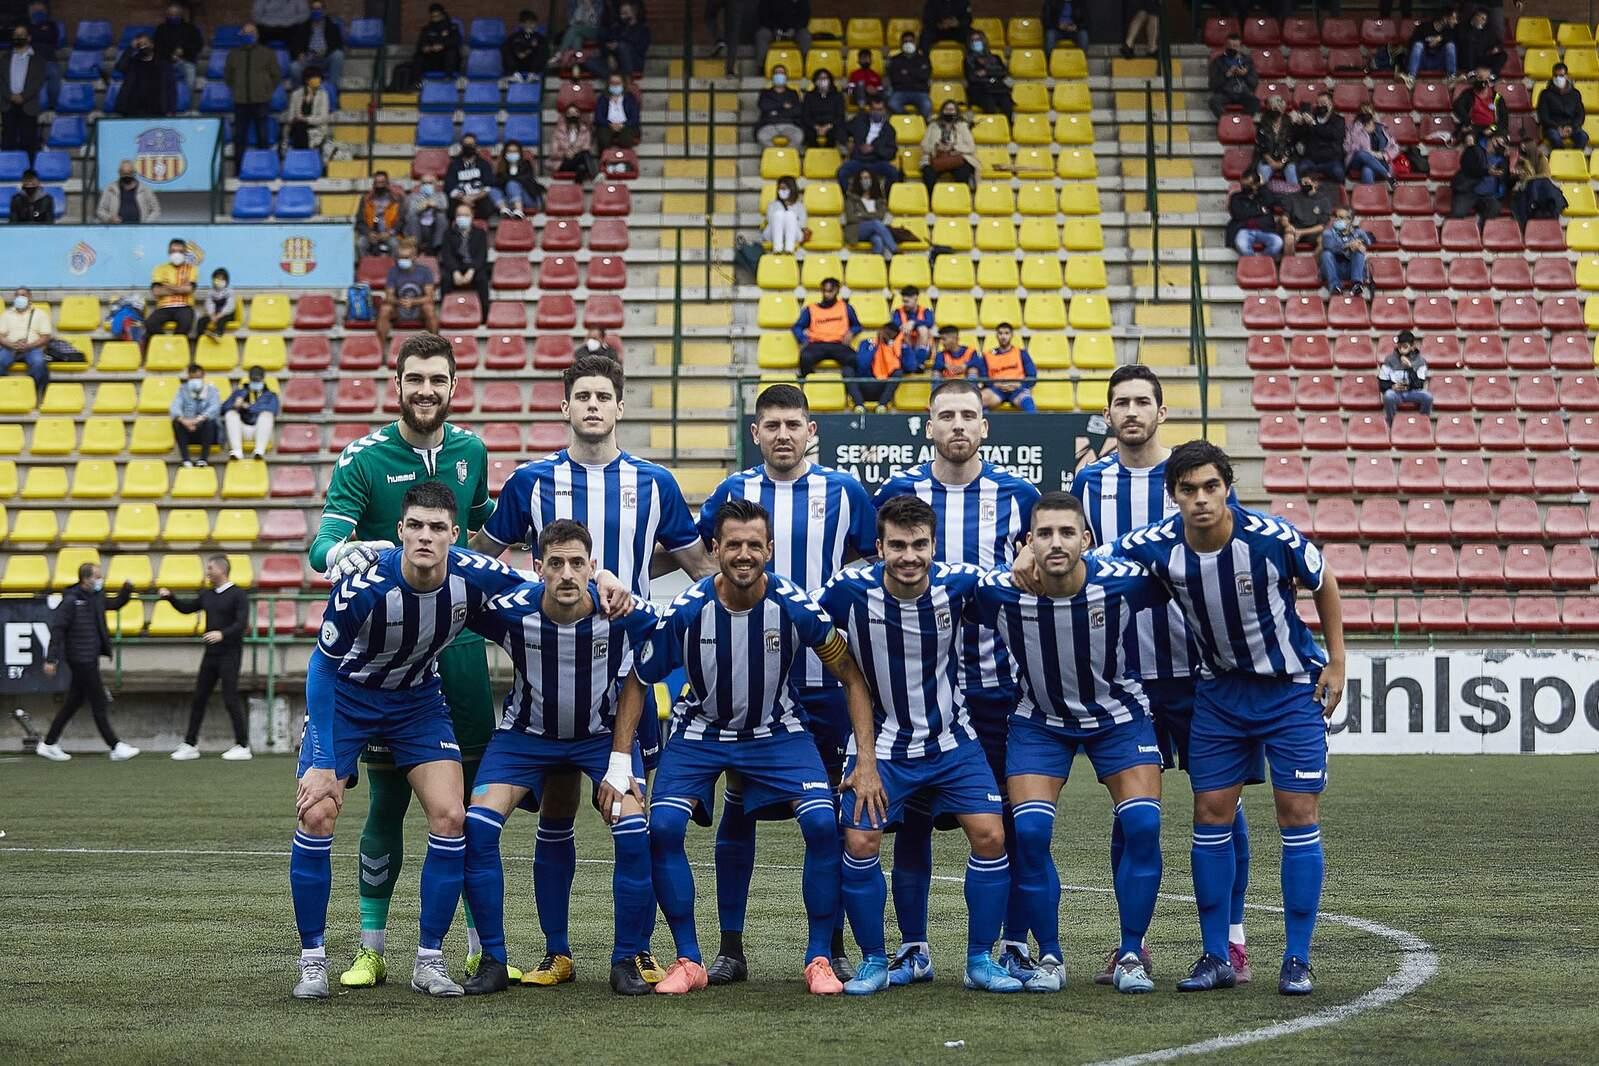 Onze inicial del CP San Cristóbal